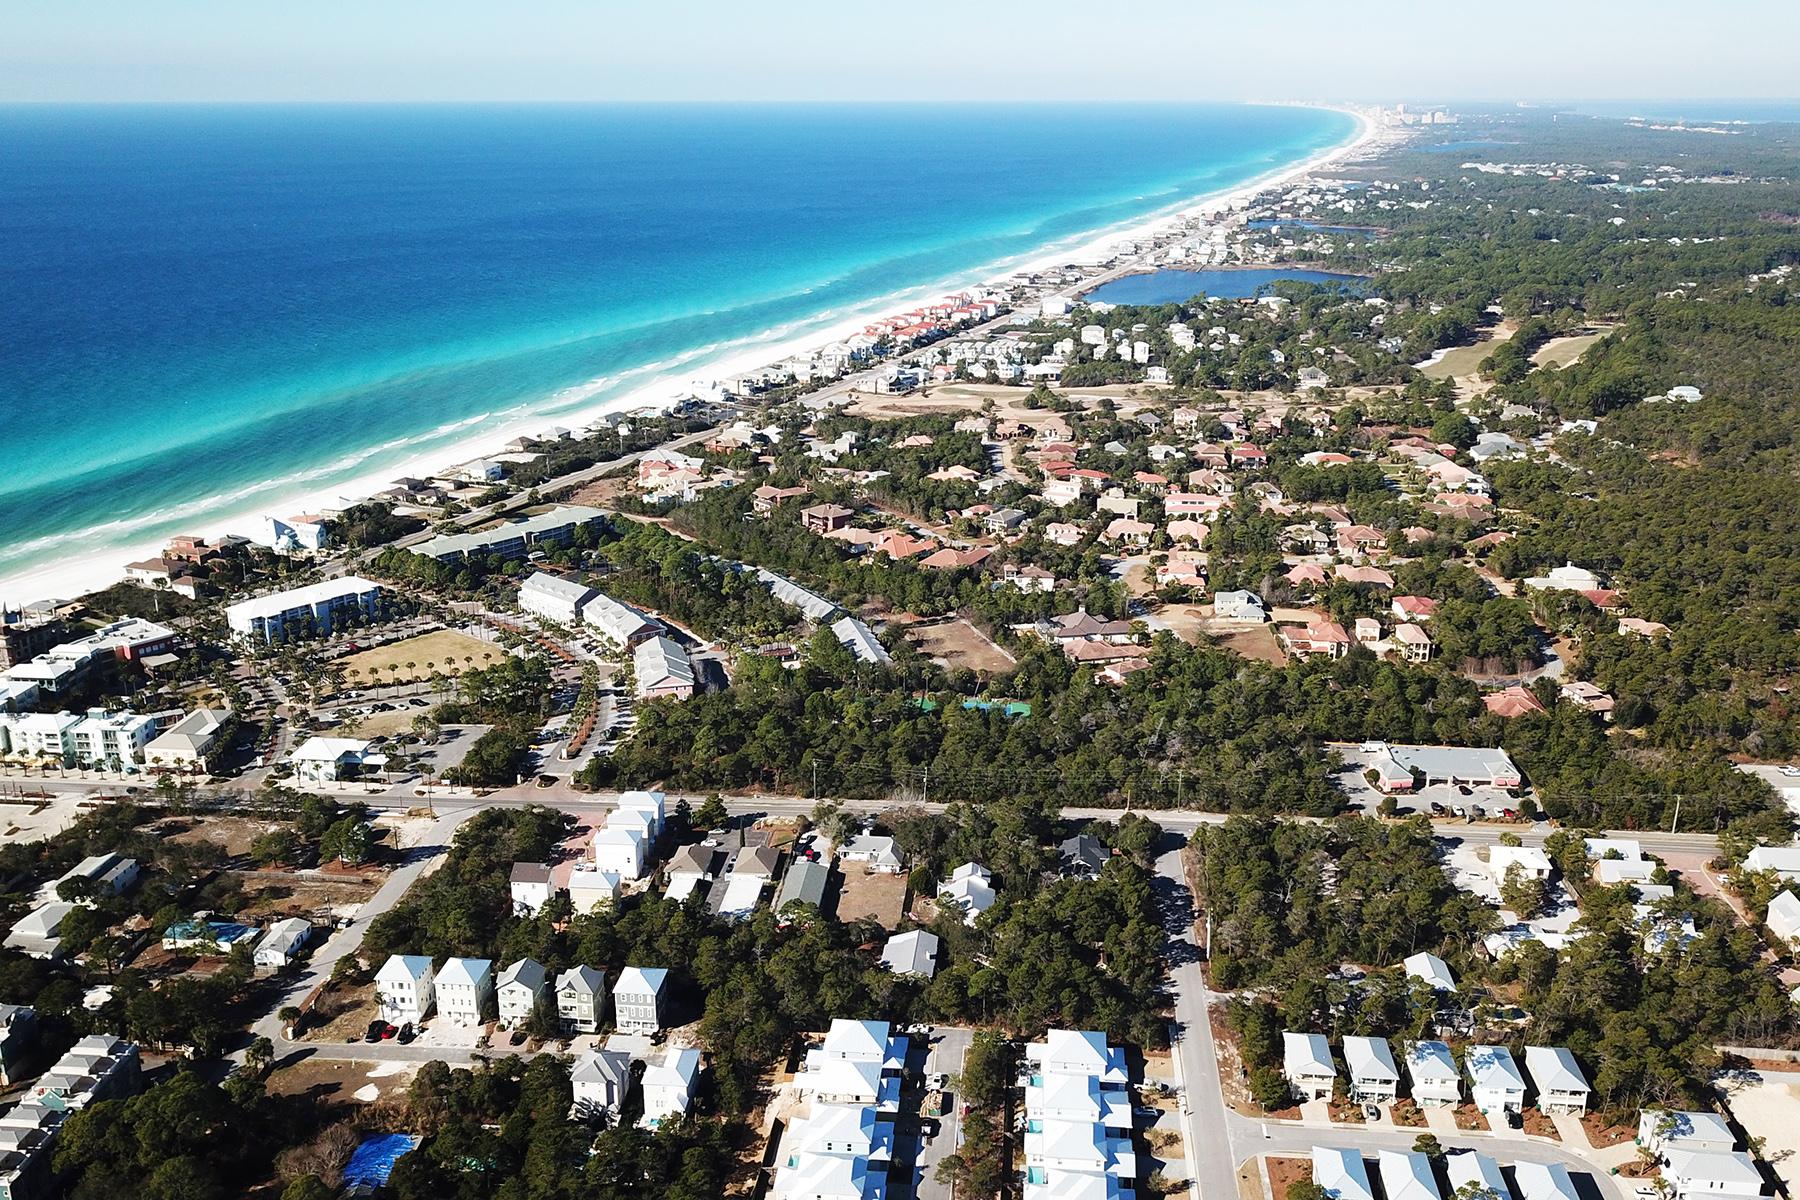 أراضي للـ Sale في Rare Commercial or Residential Development Opportunity 2.3 Acres S. County Hwy 393, Santa Rosa Beach, Florida, 32459 United States